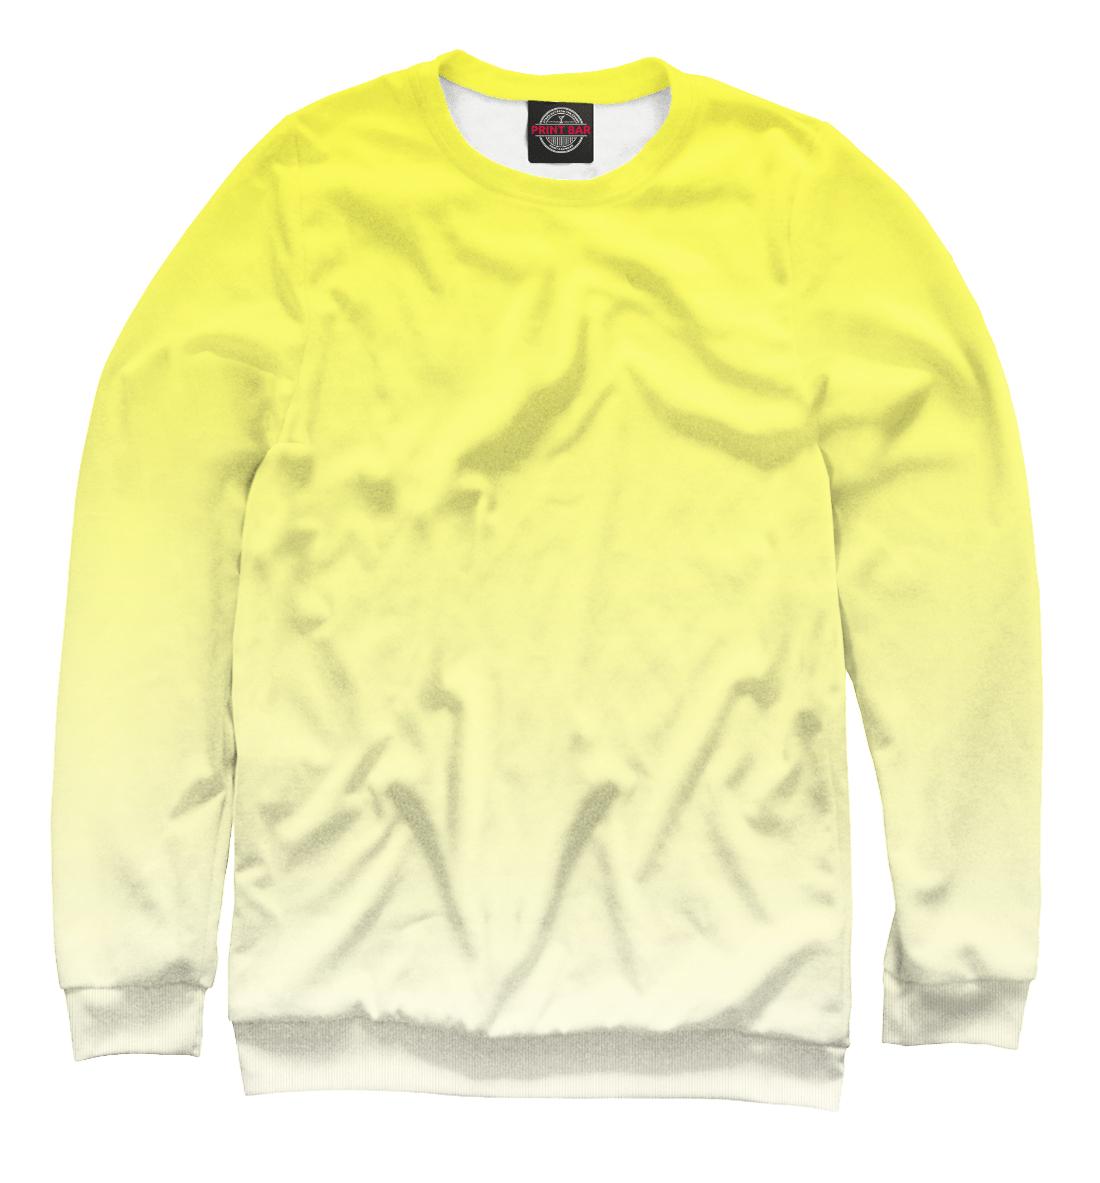 Купить Градиент Желтый в Белый, Printbar, Свитшоты, CLR-252060-swi-1